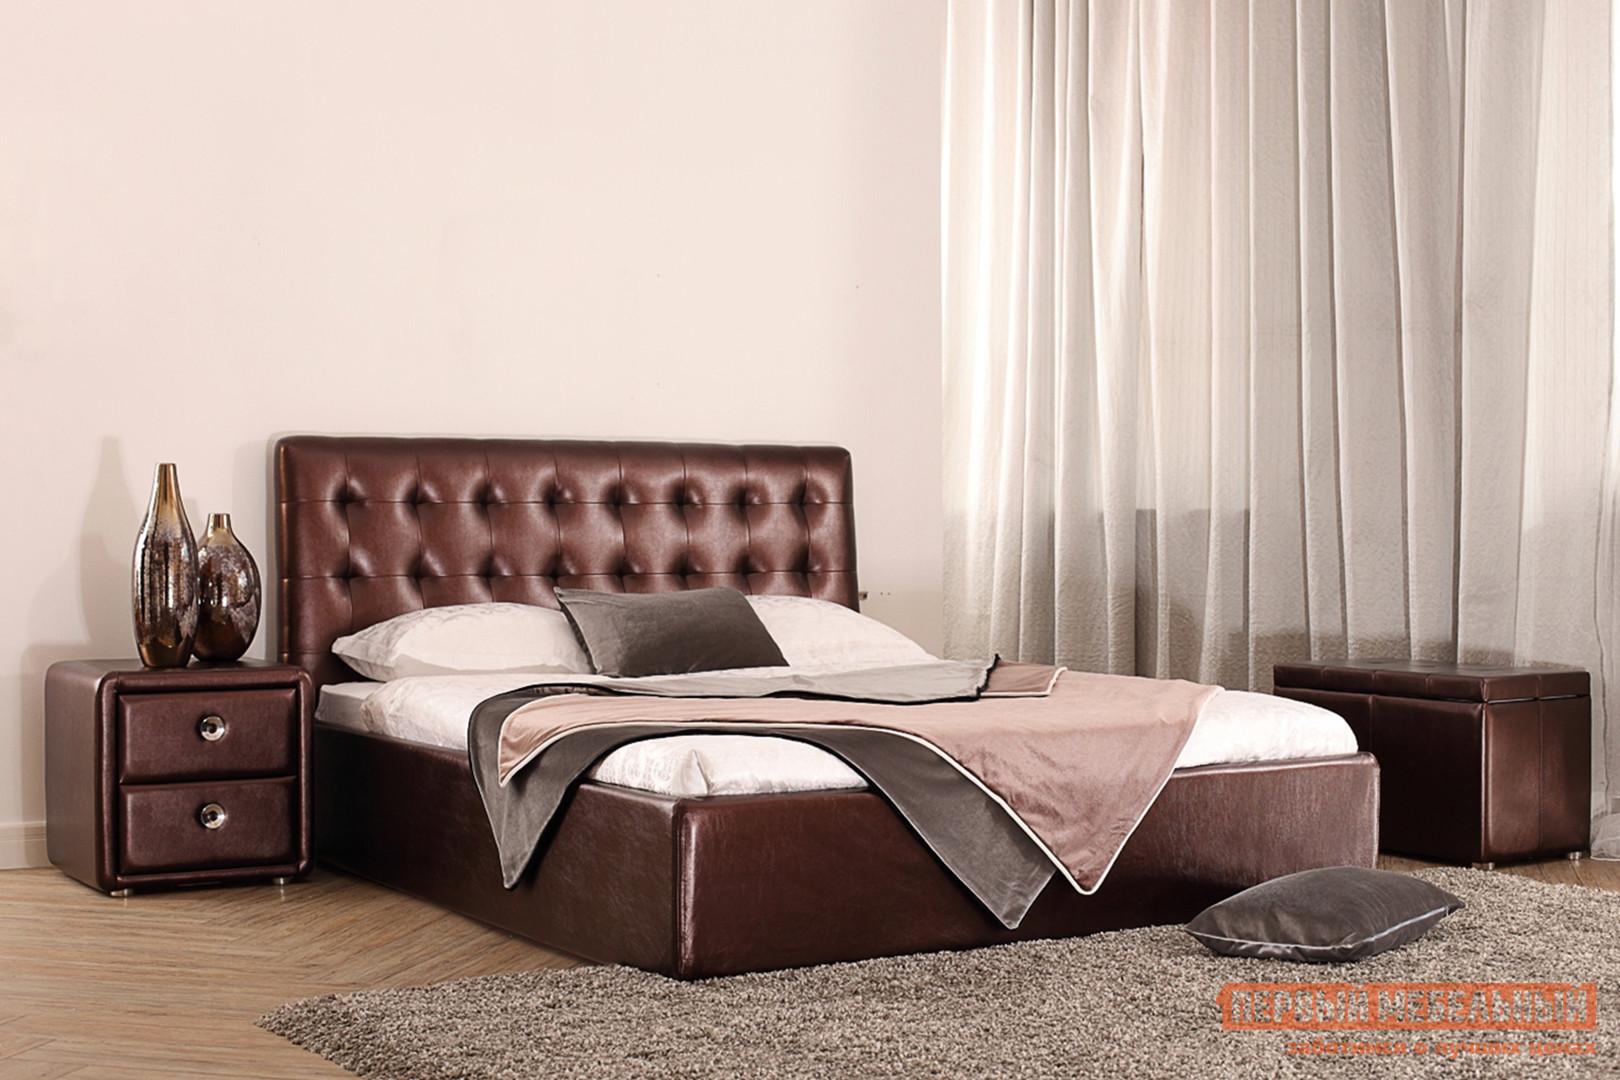 Двуспальная кровать Первый Мебельный Кровать Монреаль 140х200, 160х200, 180х200 двуспальная кровать первый мебельный кровать мерлен 140х200 160х200 180х200